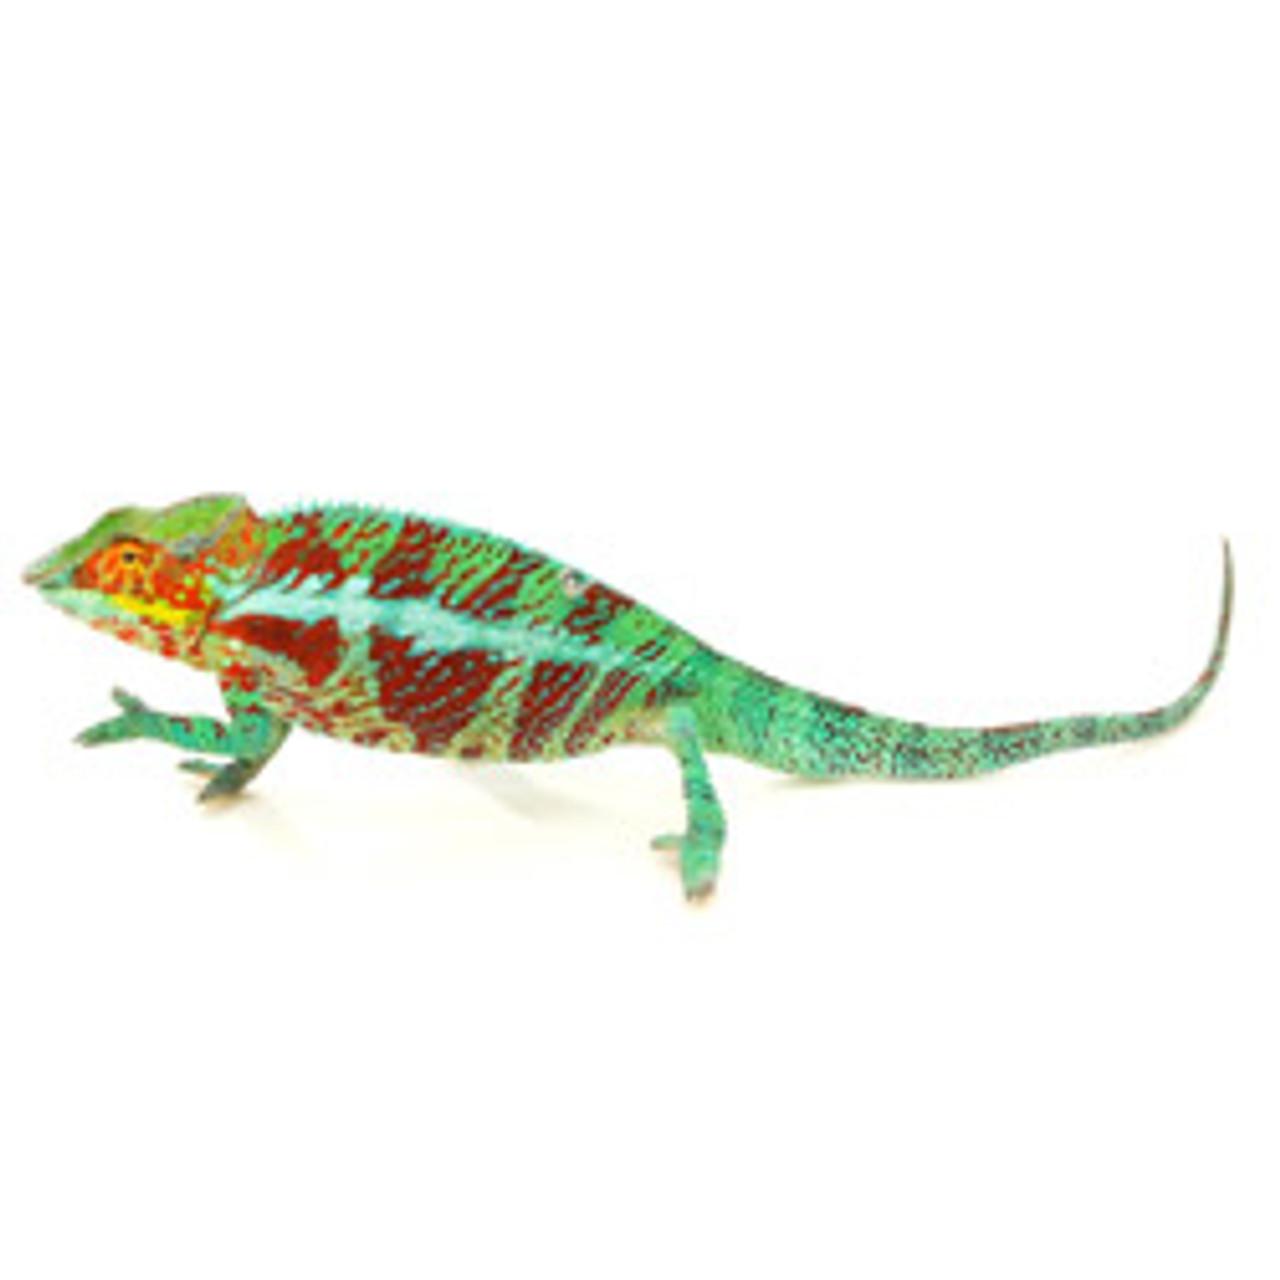 Ambanja Panther Chameleon (Fucifer pardalis)